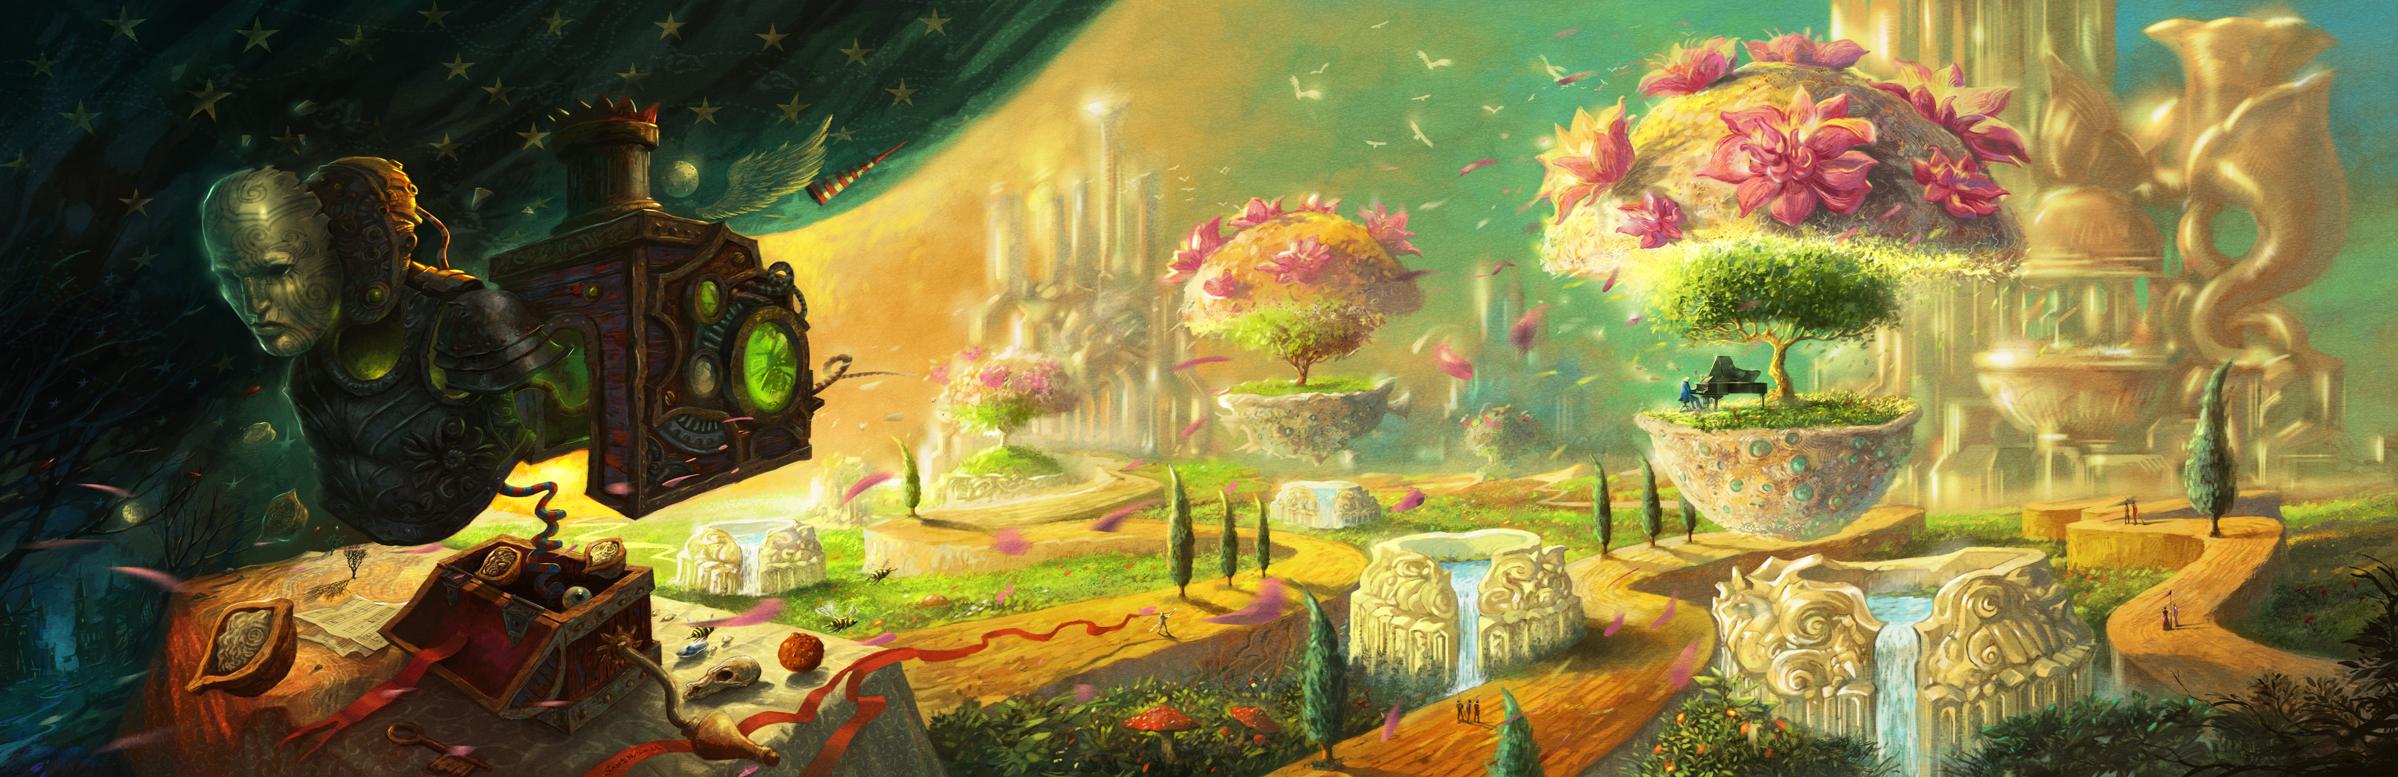 Concert in Heaven by sabin-boykinov on DeviantArt